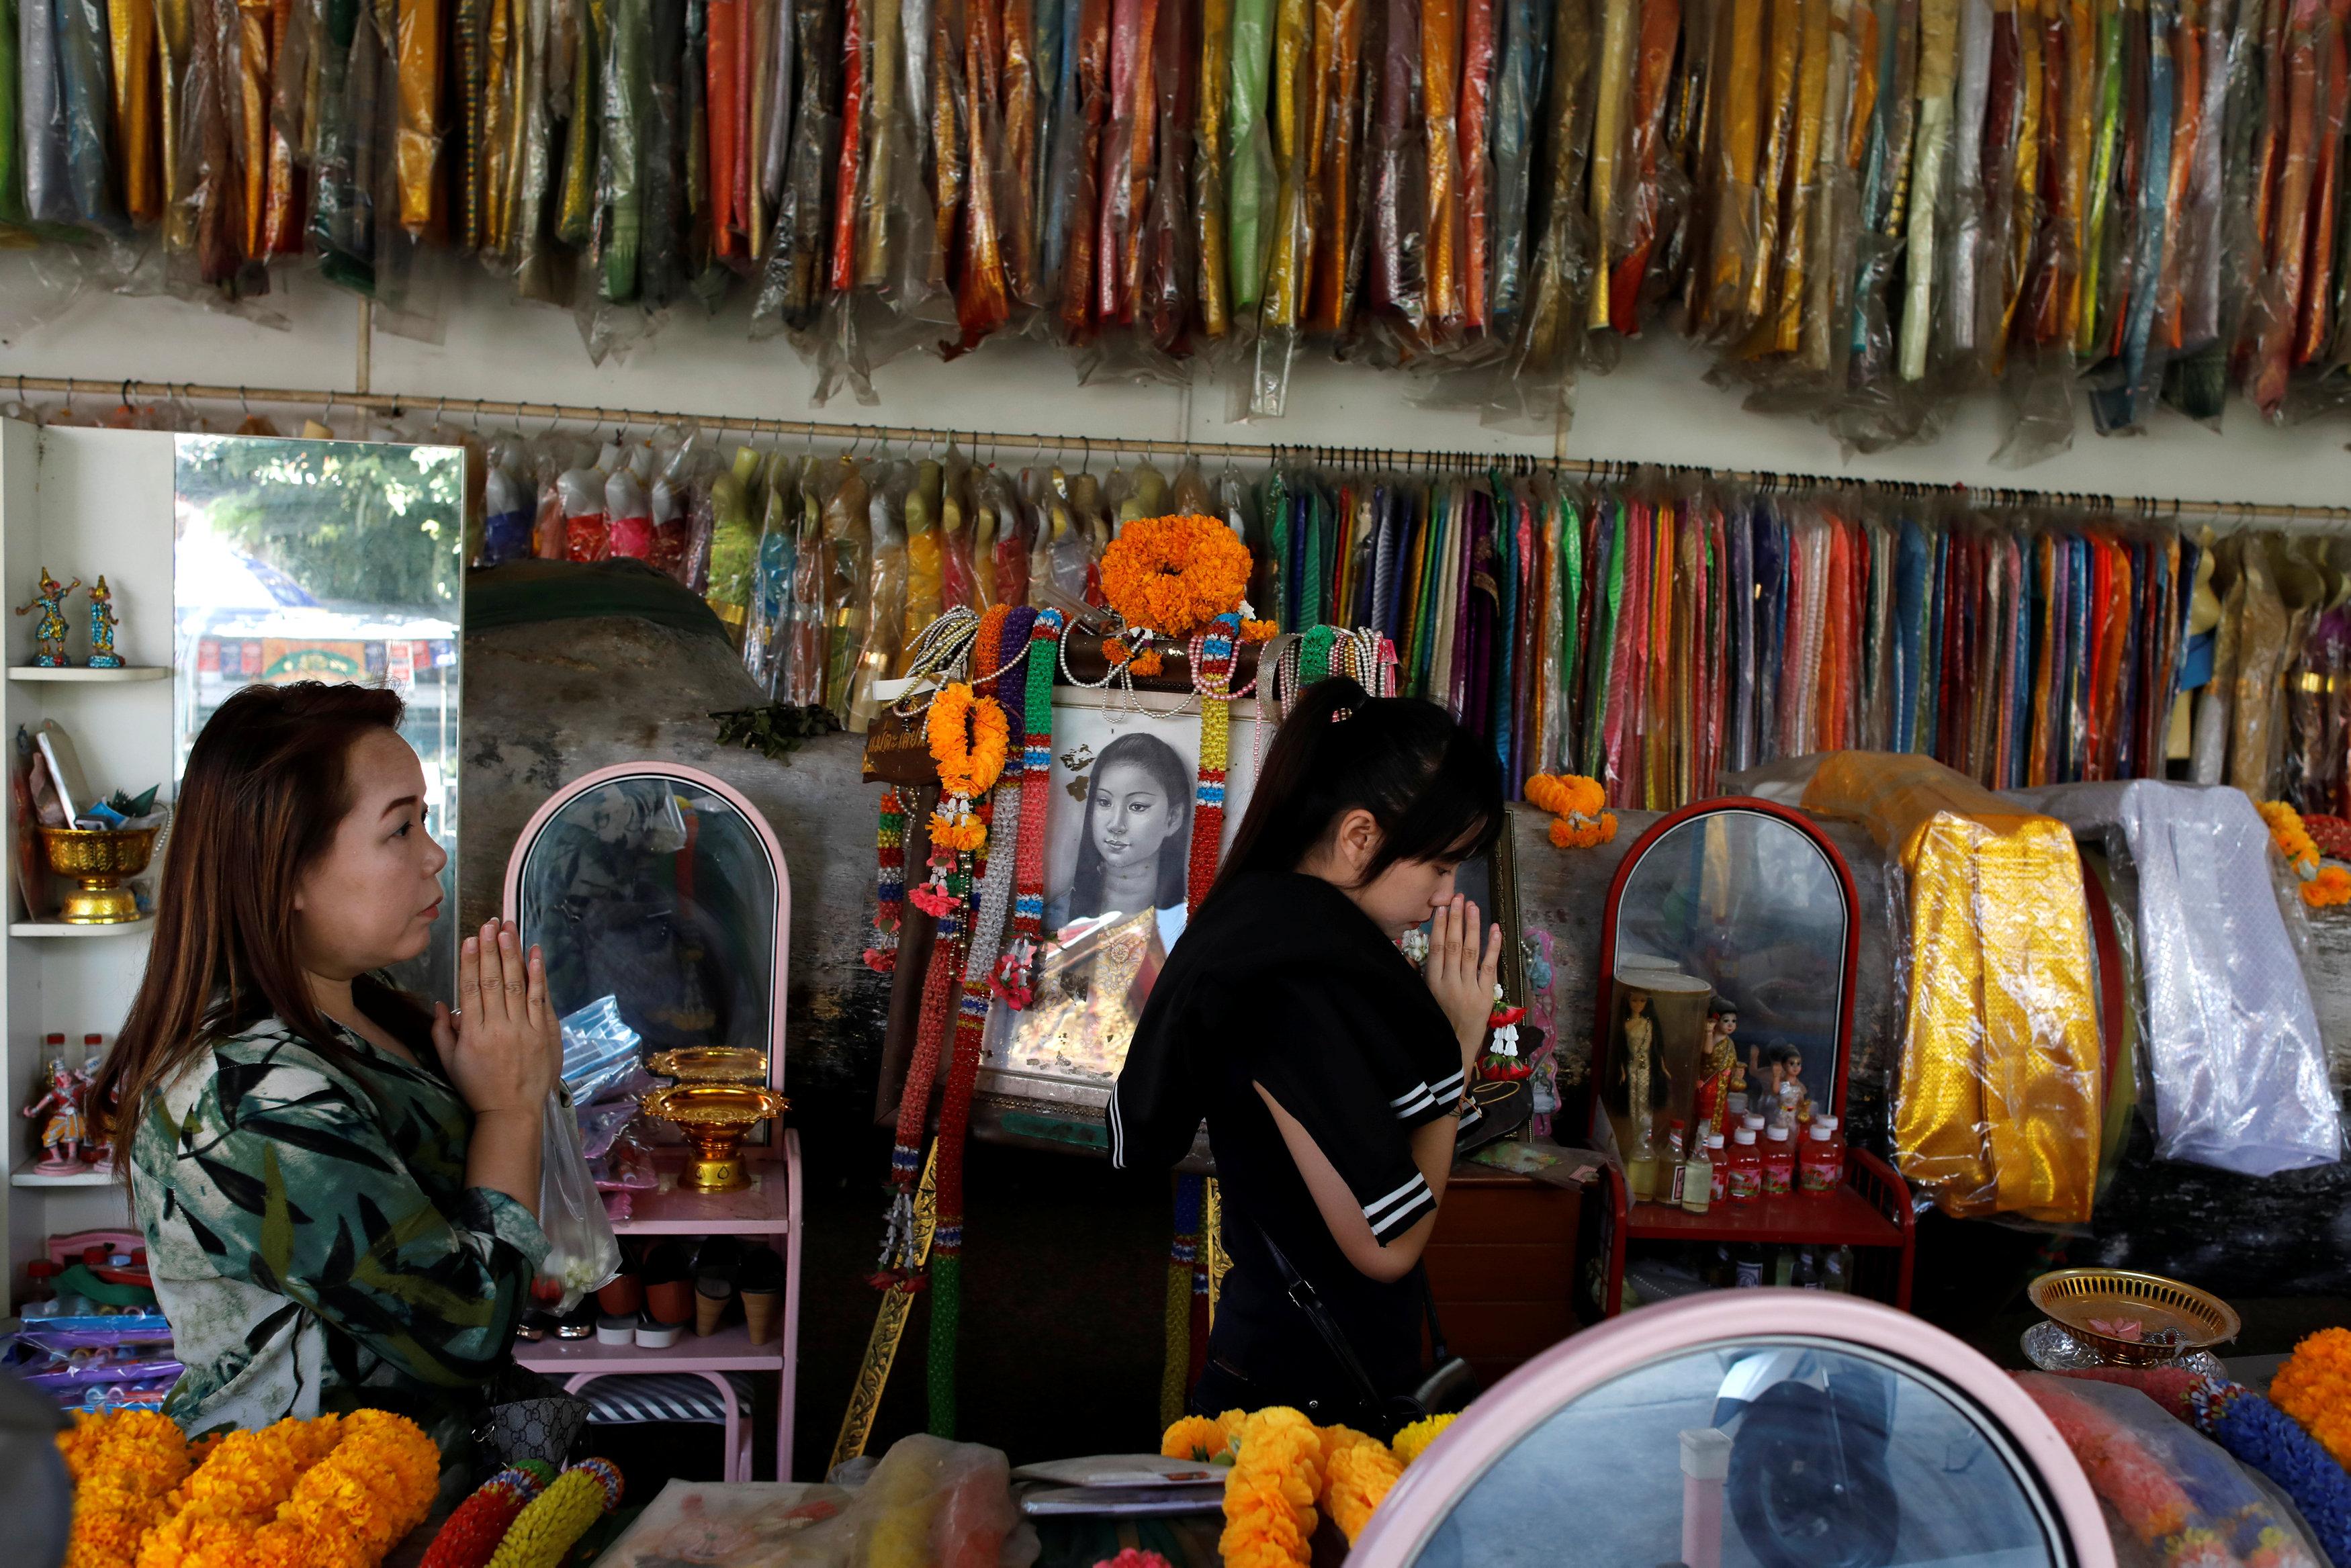 نساء تصلين فى معبد كوناترى بحثا عن الحظ